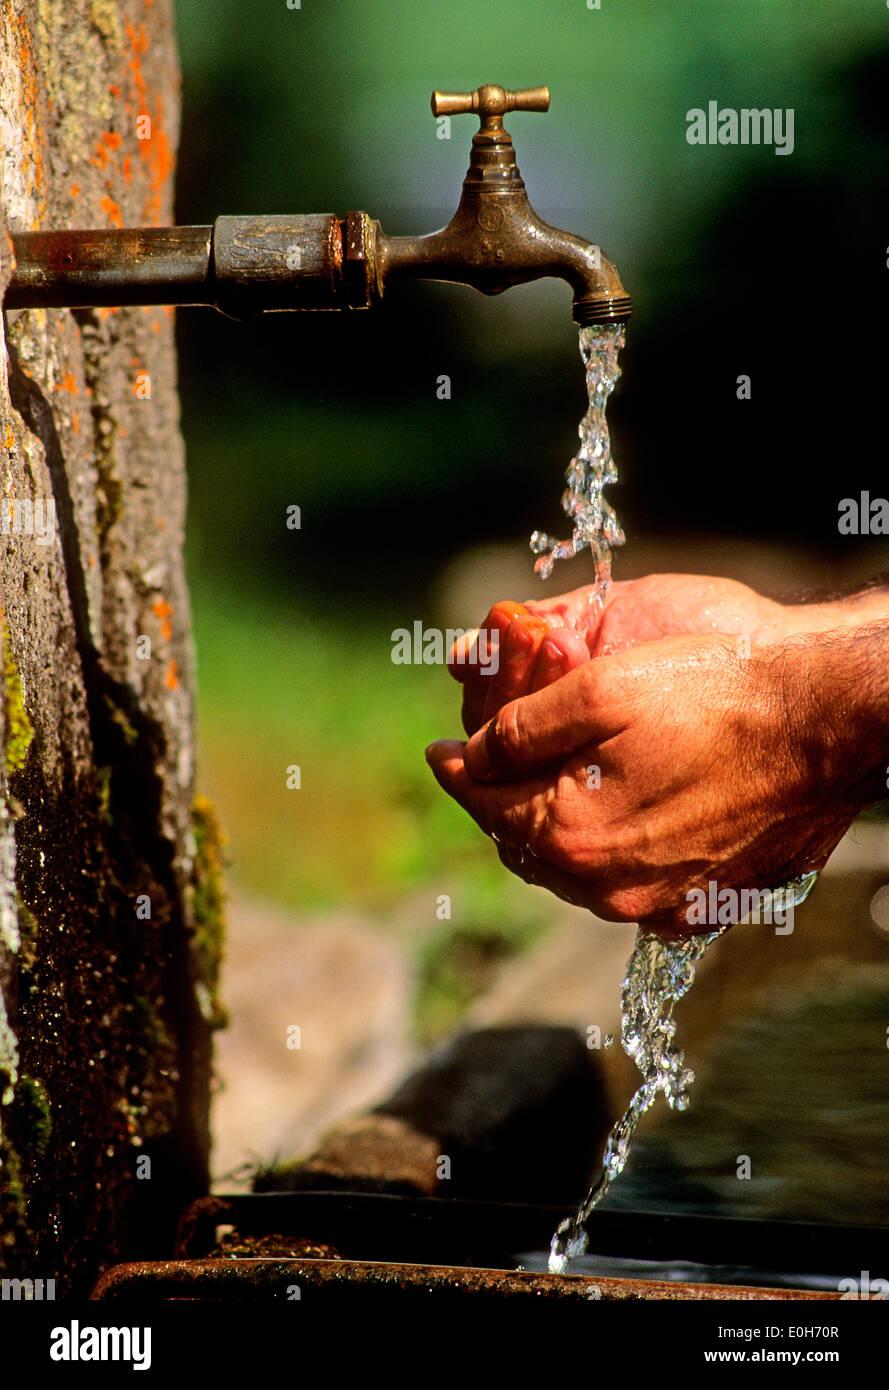 Lavarse las manos en un grifo exterior en el jardín Imagen De Stock